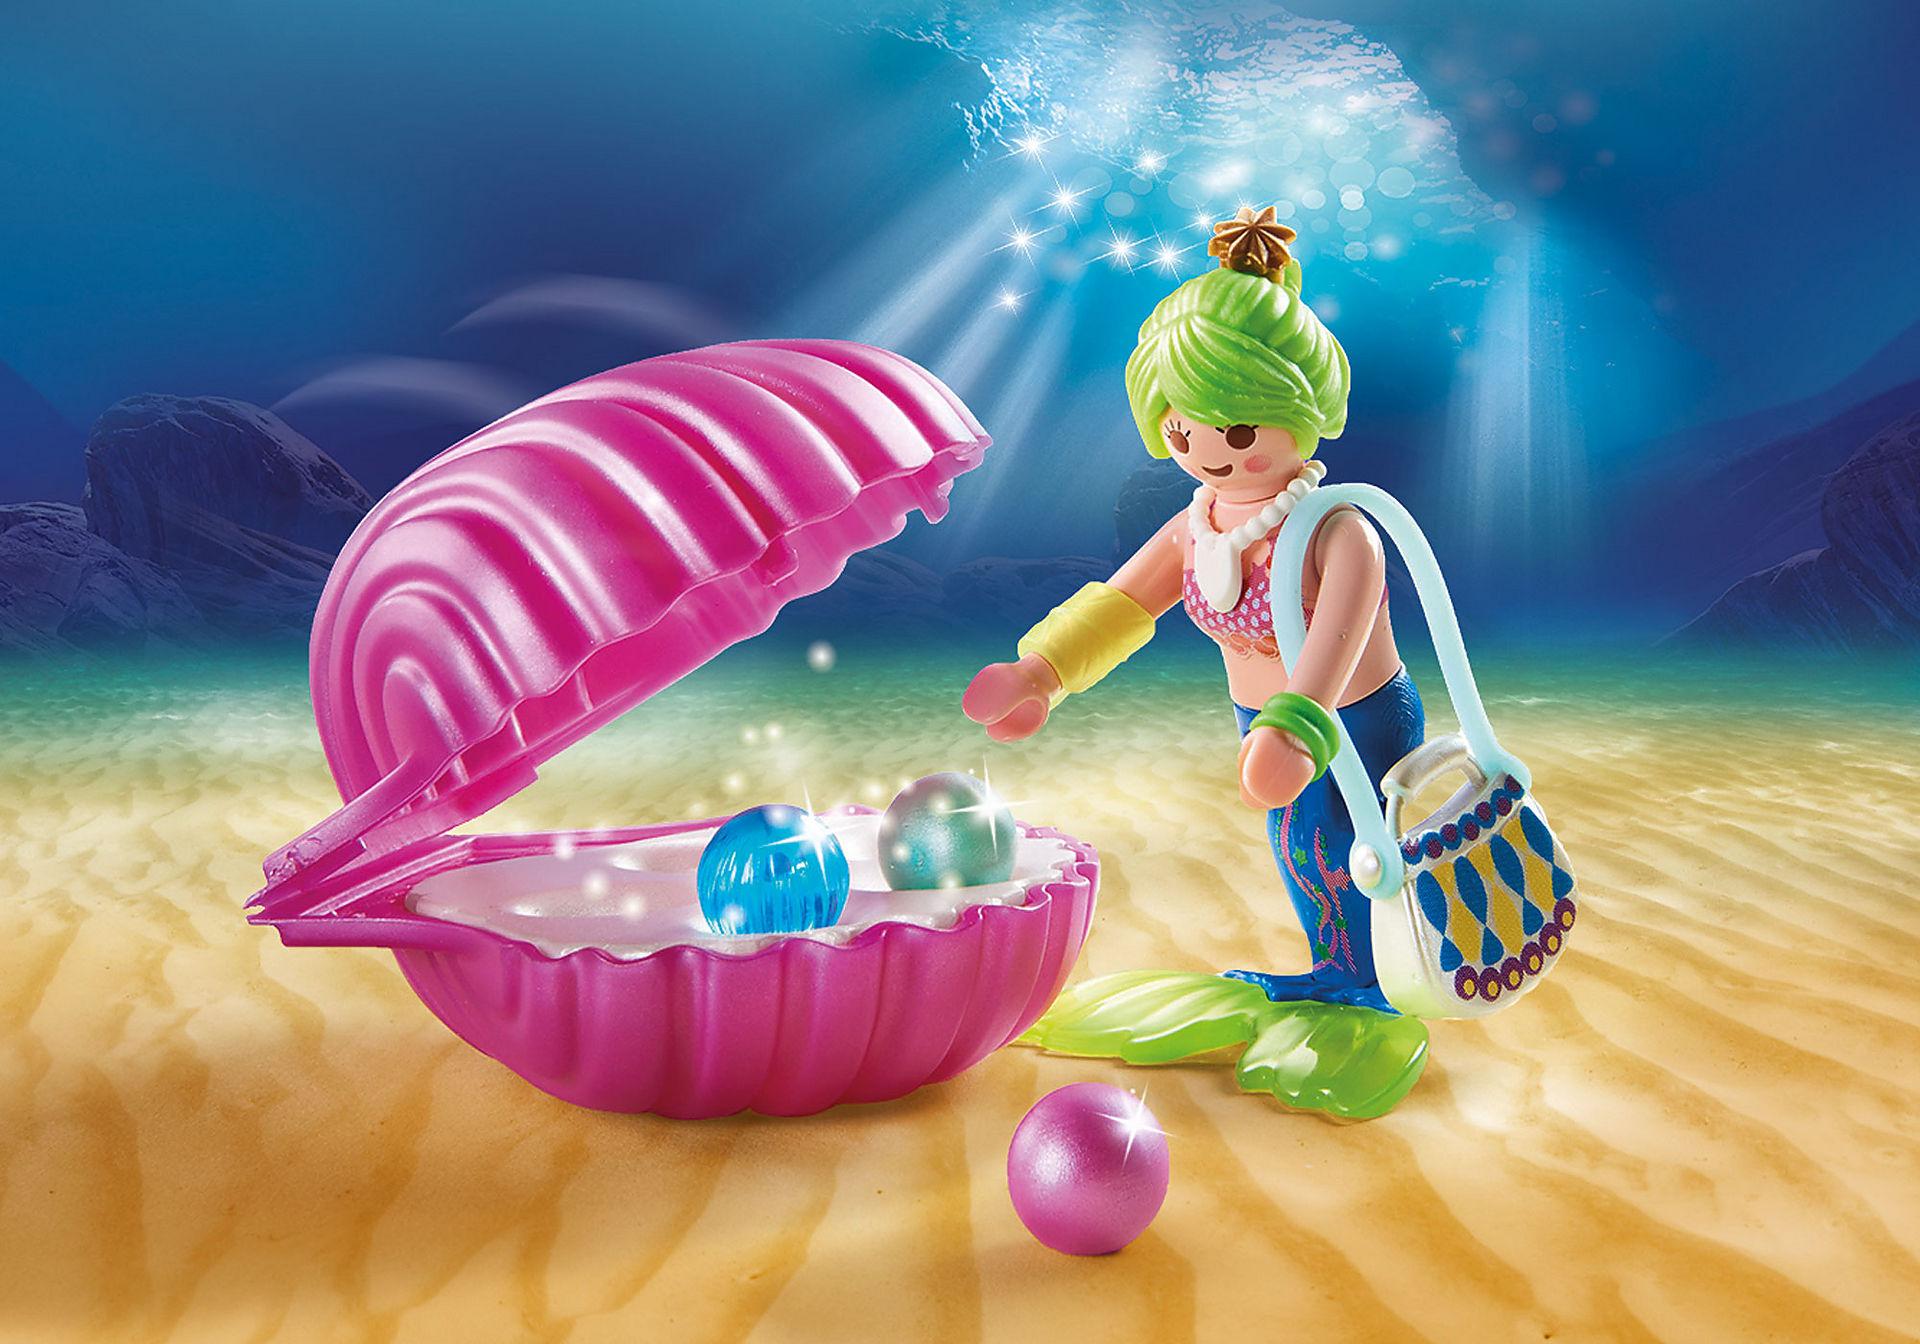 http://media.playmobil.com/i/playmobil/70096_product_extra1/Schoonheidssalon met zeemeermin